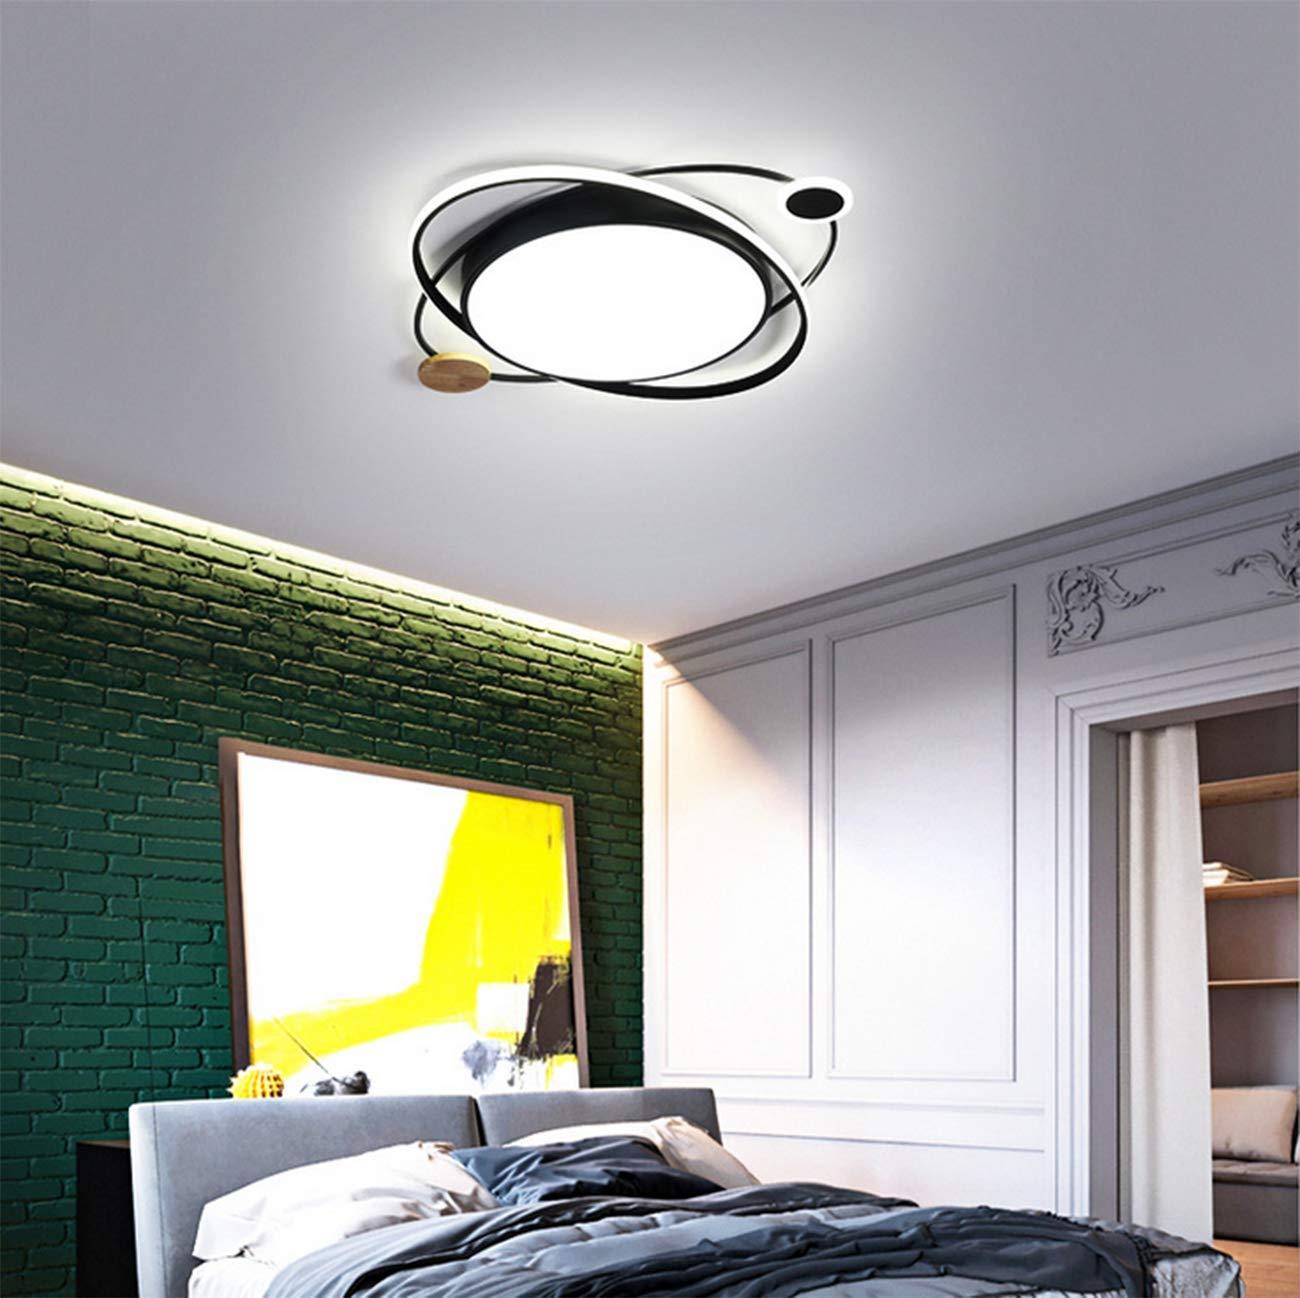 27W 52 * 6CM Luz c/álida, Verde L/ámpara de dormitorio LED L/ámpar de techo en forma de redondo como planeta l/ámpara de cocina